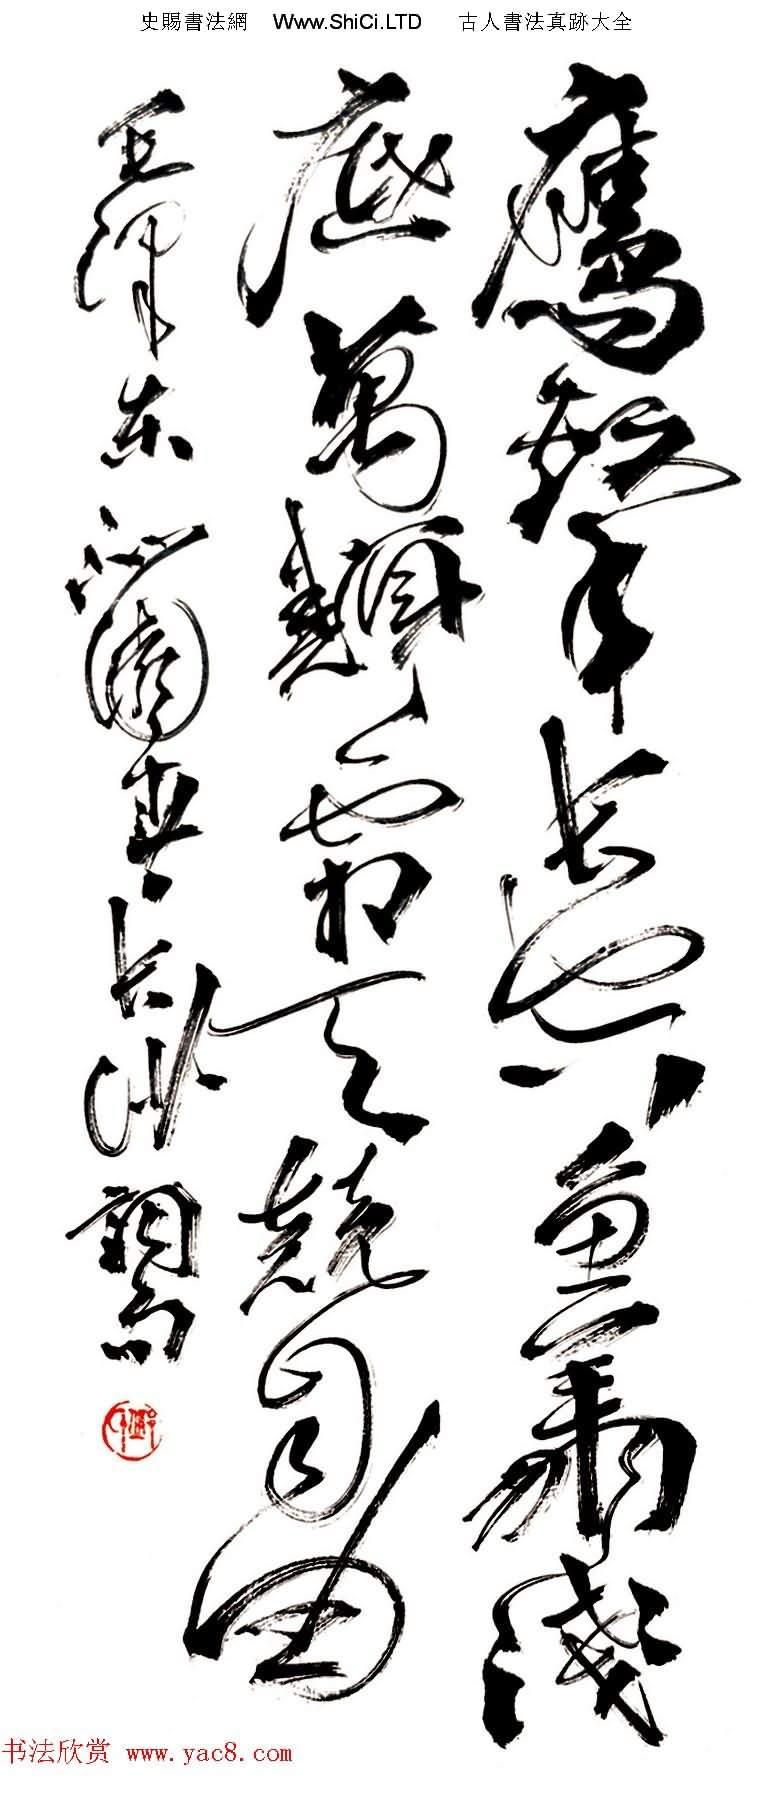 中國硬協副主席邱明強書法作品真跡(共5張圖片)